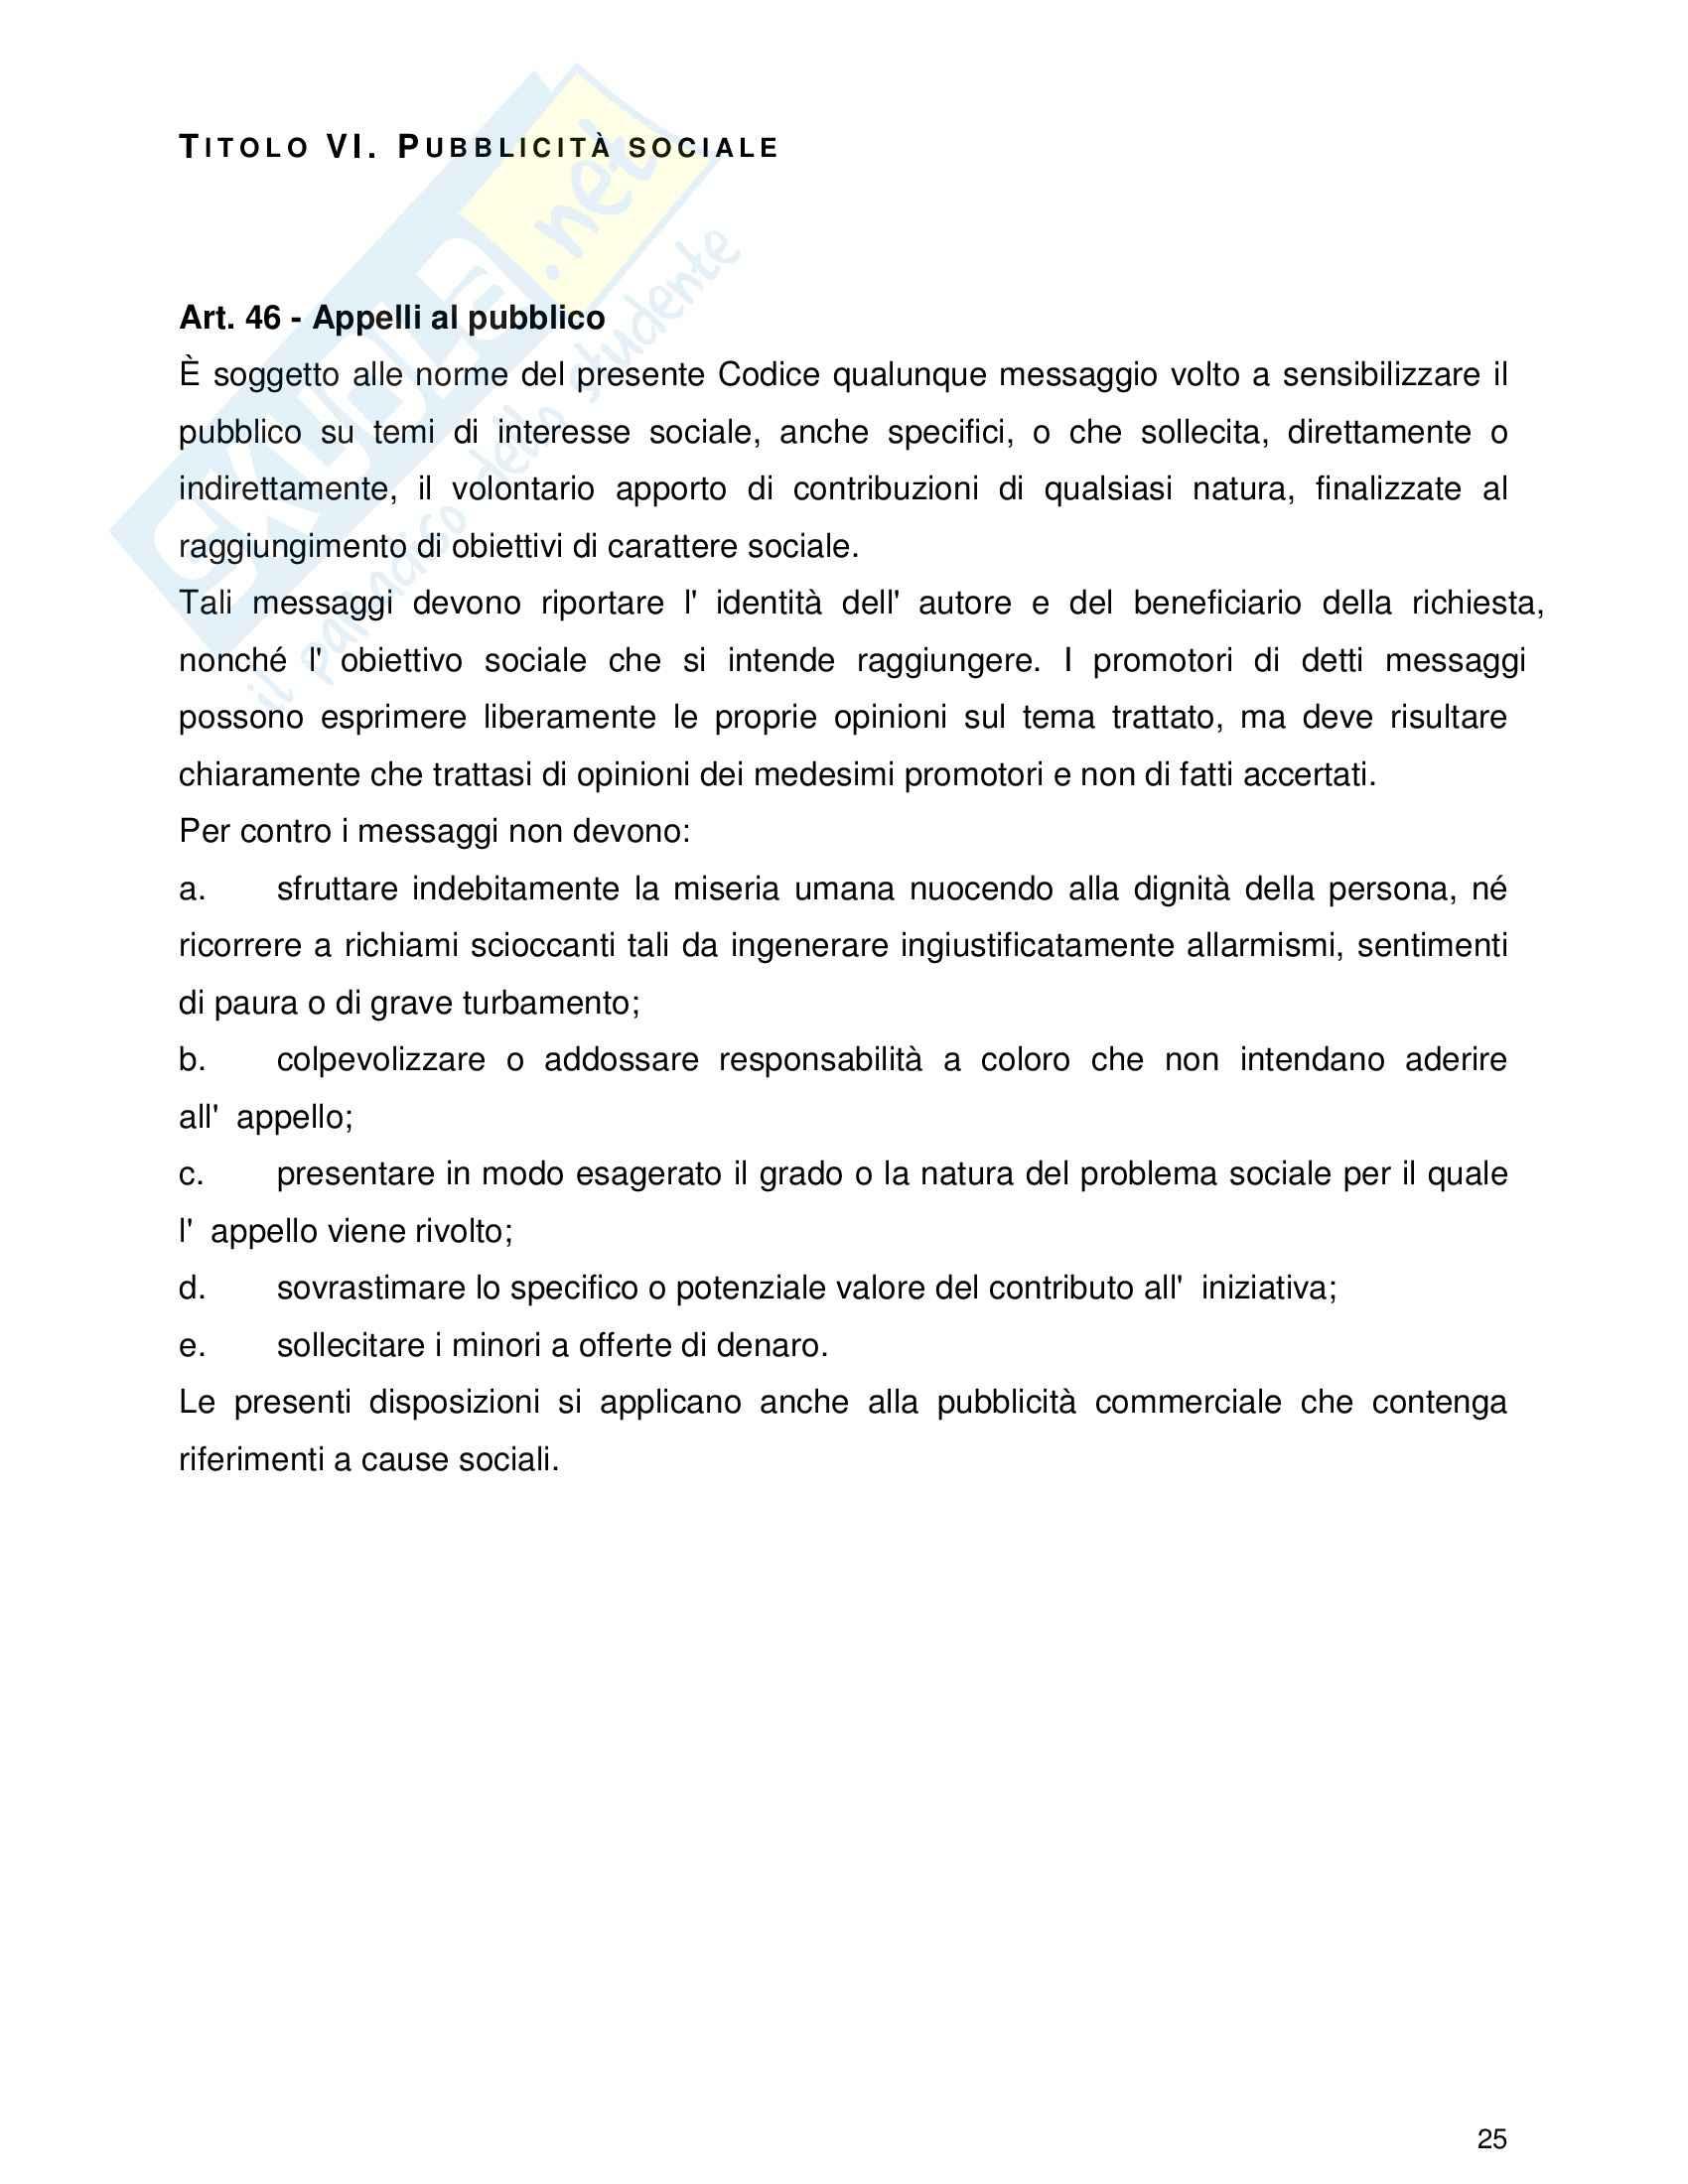 Tecnica della comunicazione pubblicitaria - la disciplina della pubblicità Pag. 26